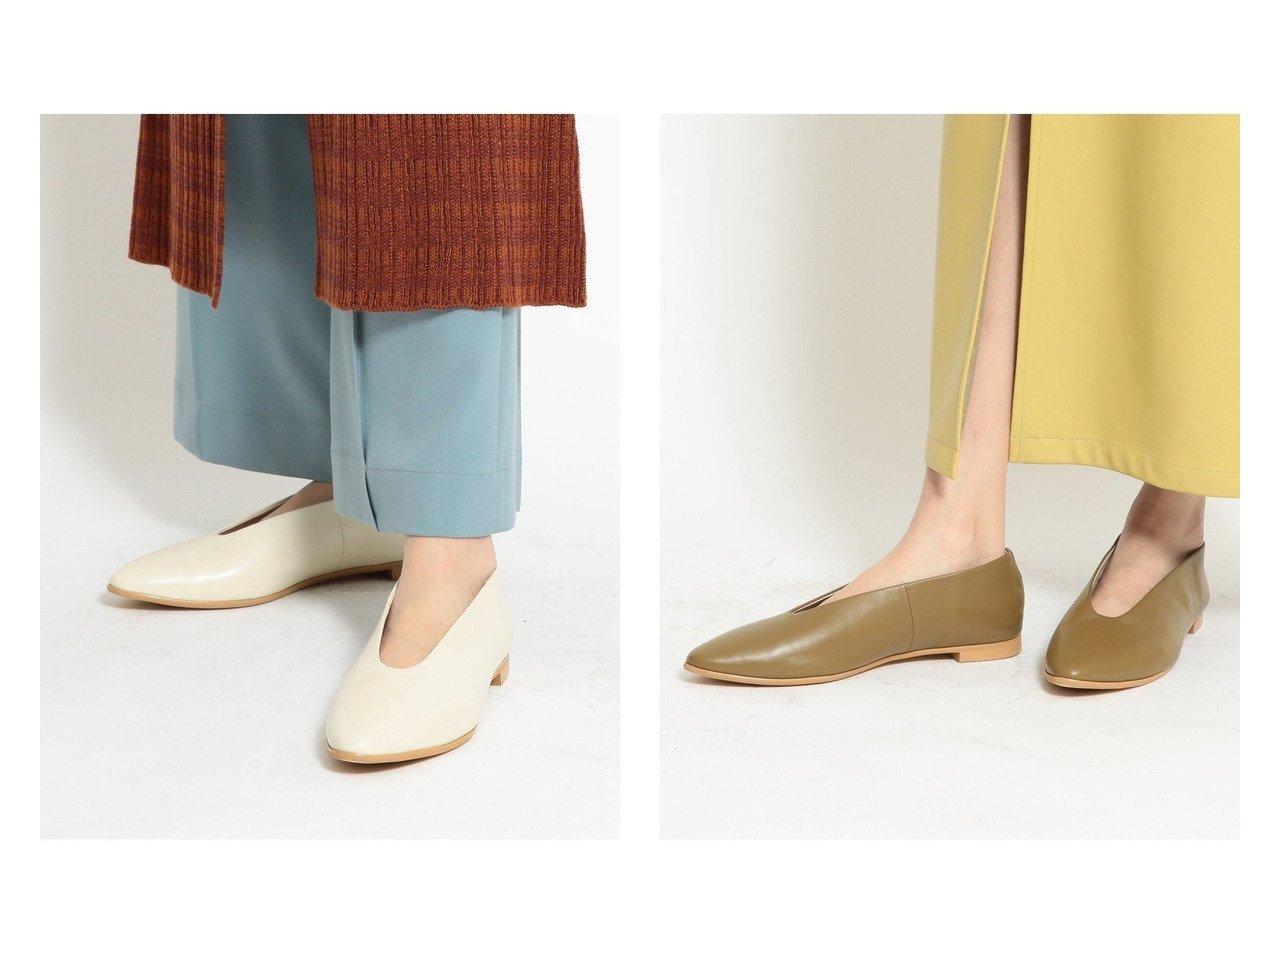 【Ray BEAMS/レイ ビームス】のカーフ スリッポン 【シューズ・靴】おすすめ!人気、トレンド・レディースファッションの通販 おすすめで人気の流行・トレンド、ファッションの通販商品 メンズファッション・キッズファッション・インテリア・家具・レディースファッション・服の通販 founy(ファニー) https://founy.com/ ファッション Fashion レディースファッション WOMEN シューズ シンプル ジュート スマート スリッポン トレンド フォルム フラット |ID:crp329100000039540